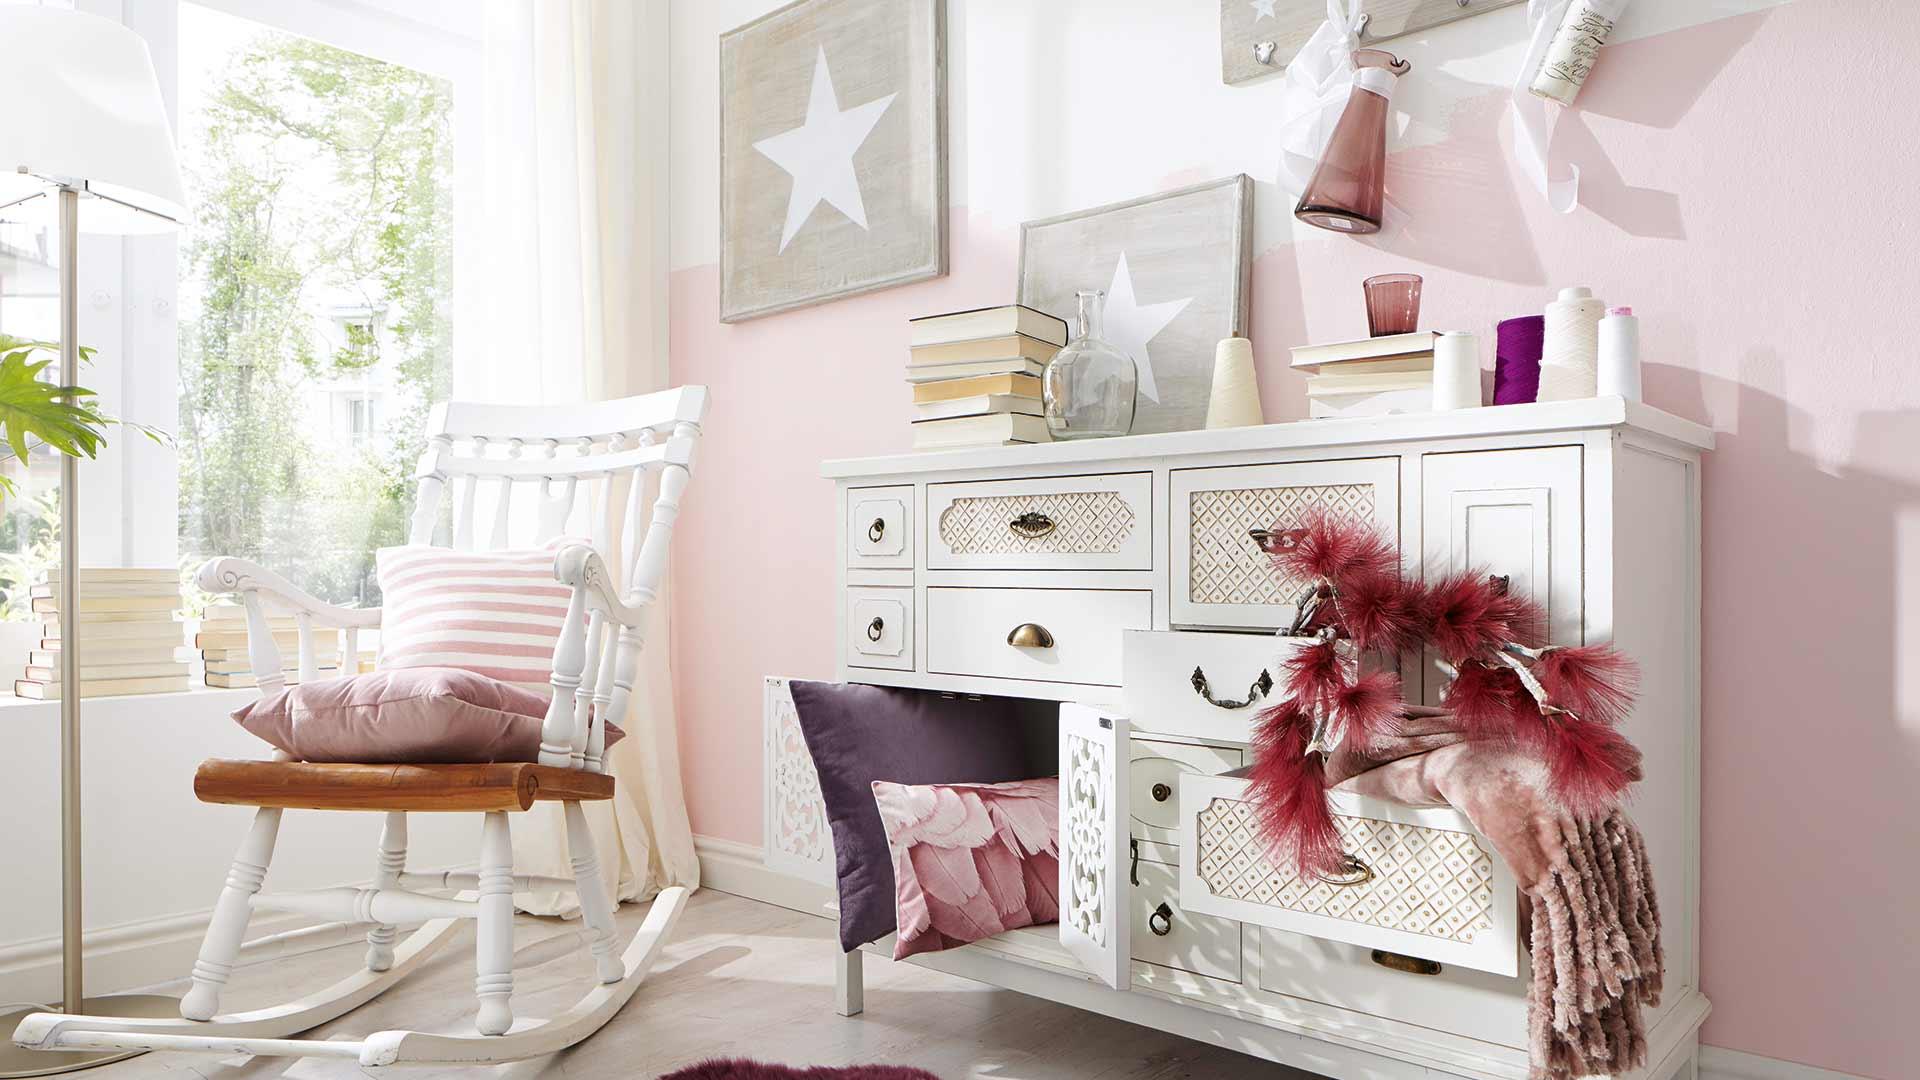 natura boutique von natura einrichten in halver nahe l denscheid nat rlich wohnen. Black Bedroom Furniture Sets. Home Design Ideas